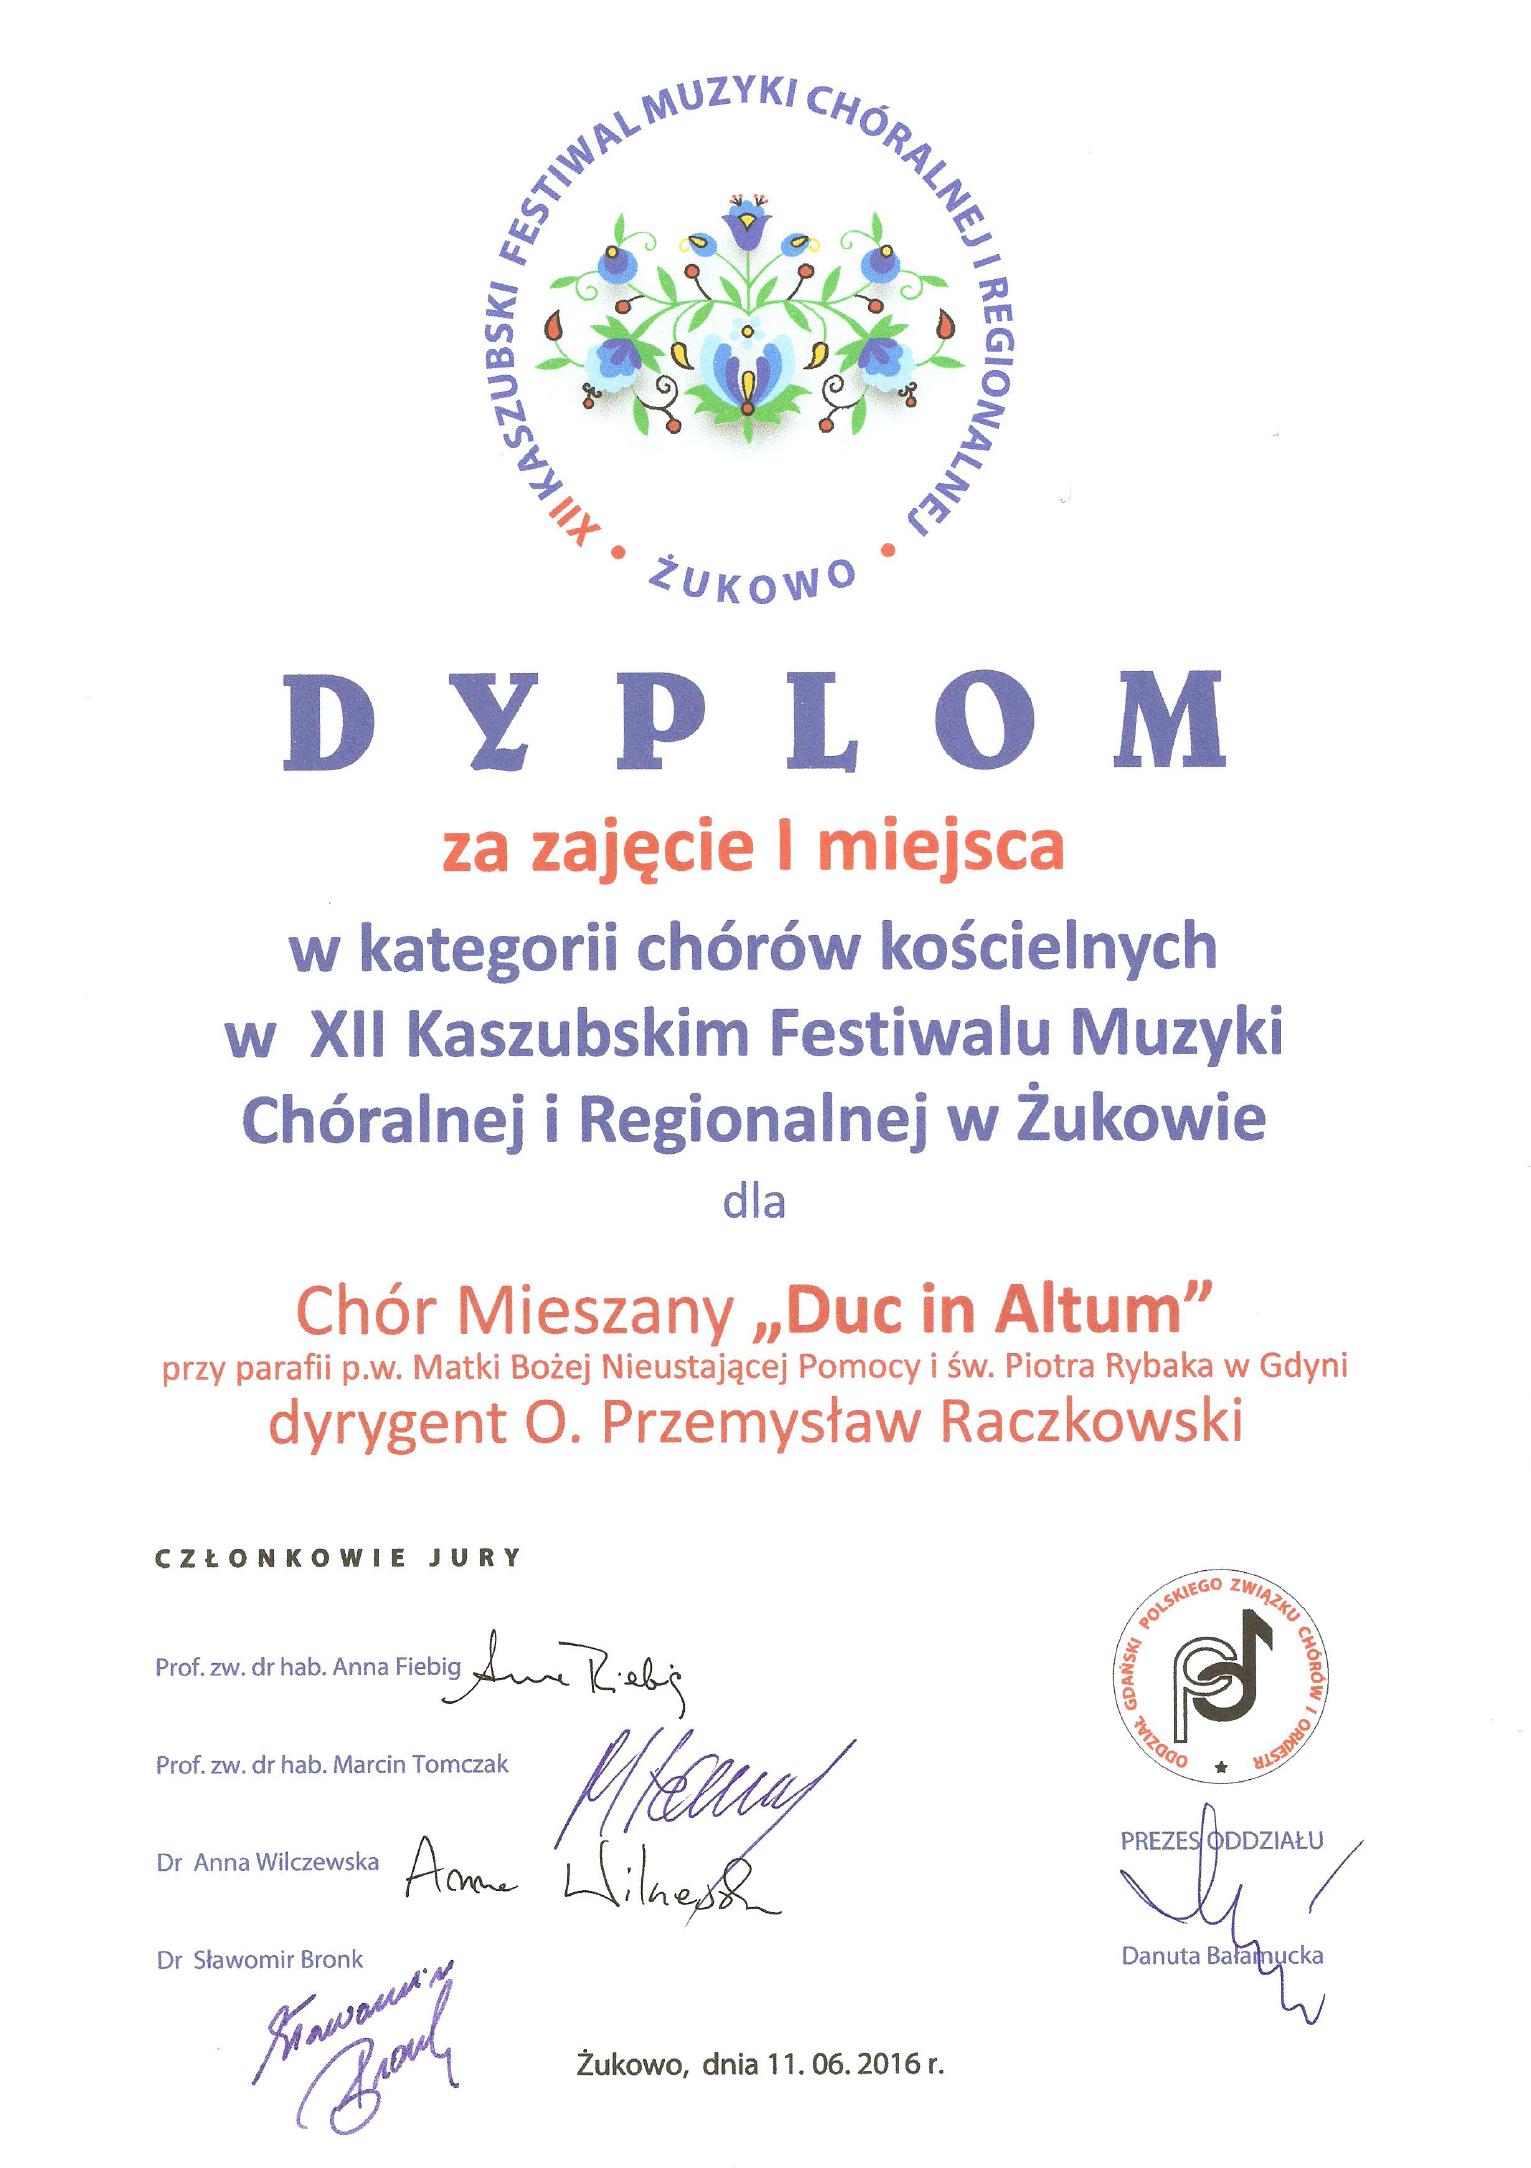 Raczkowski_Duc in altum_Zukowo_2016_I_msce